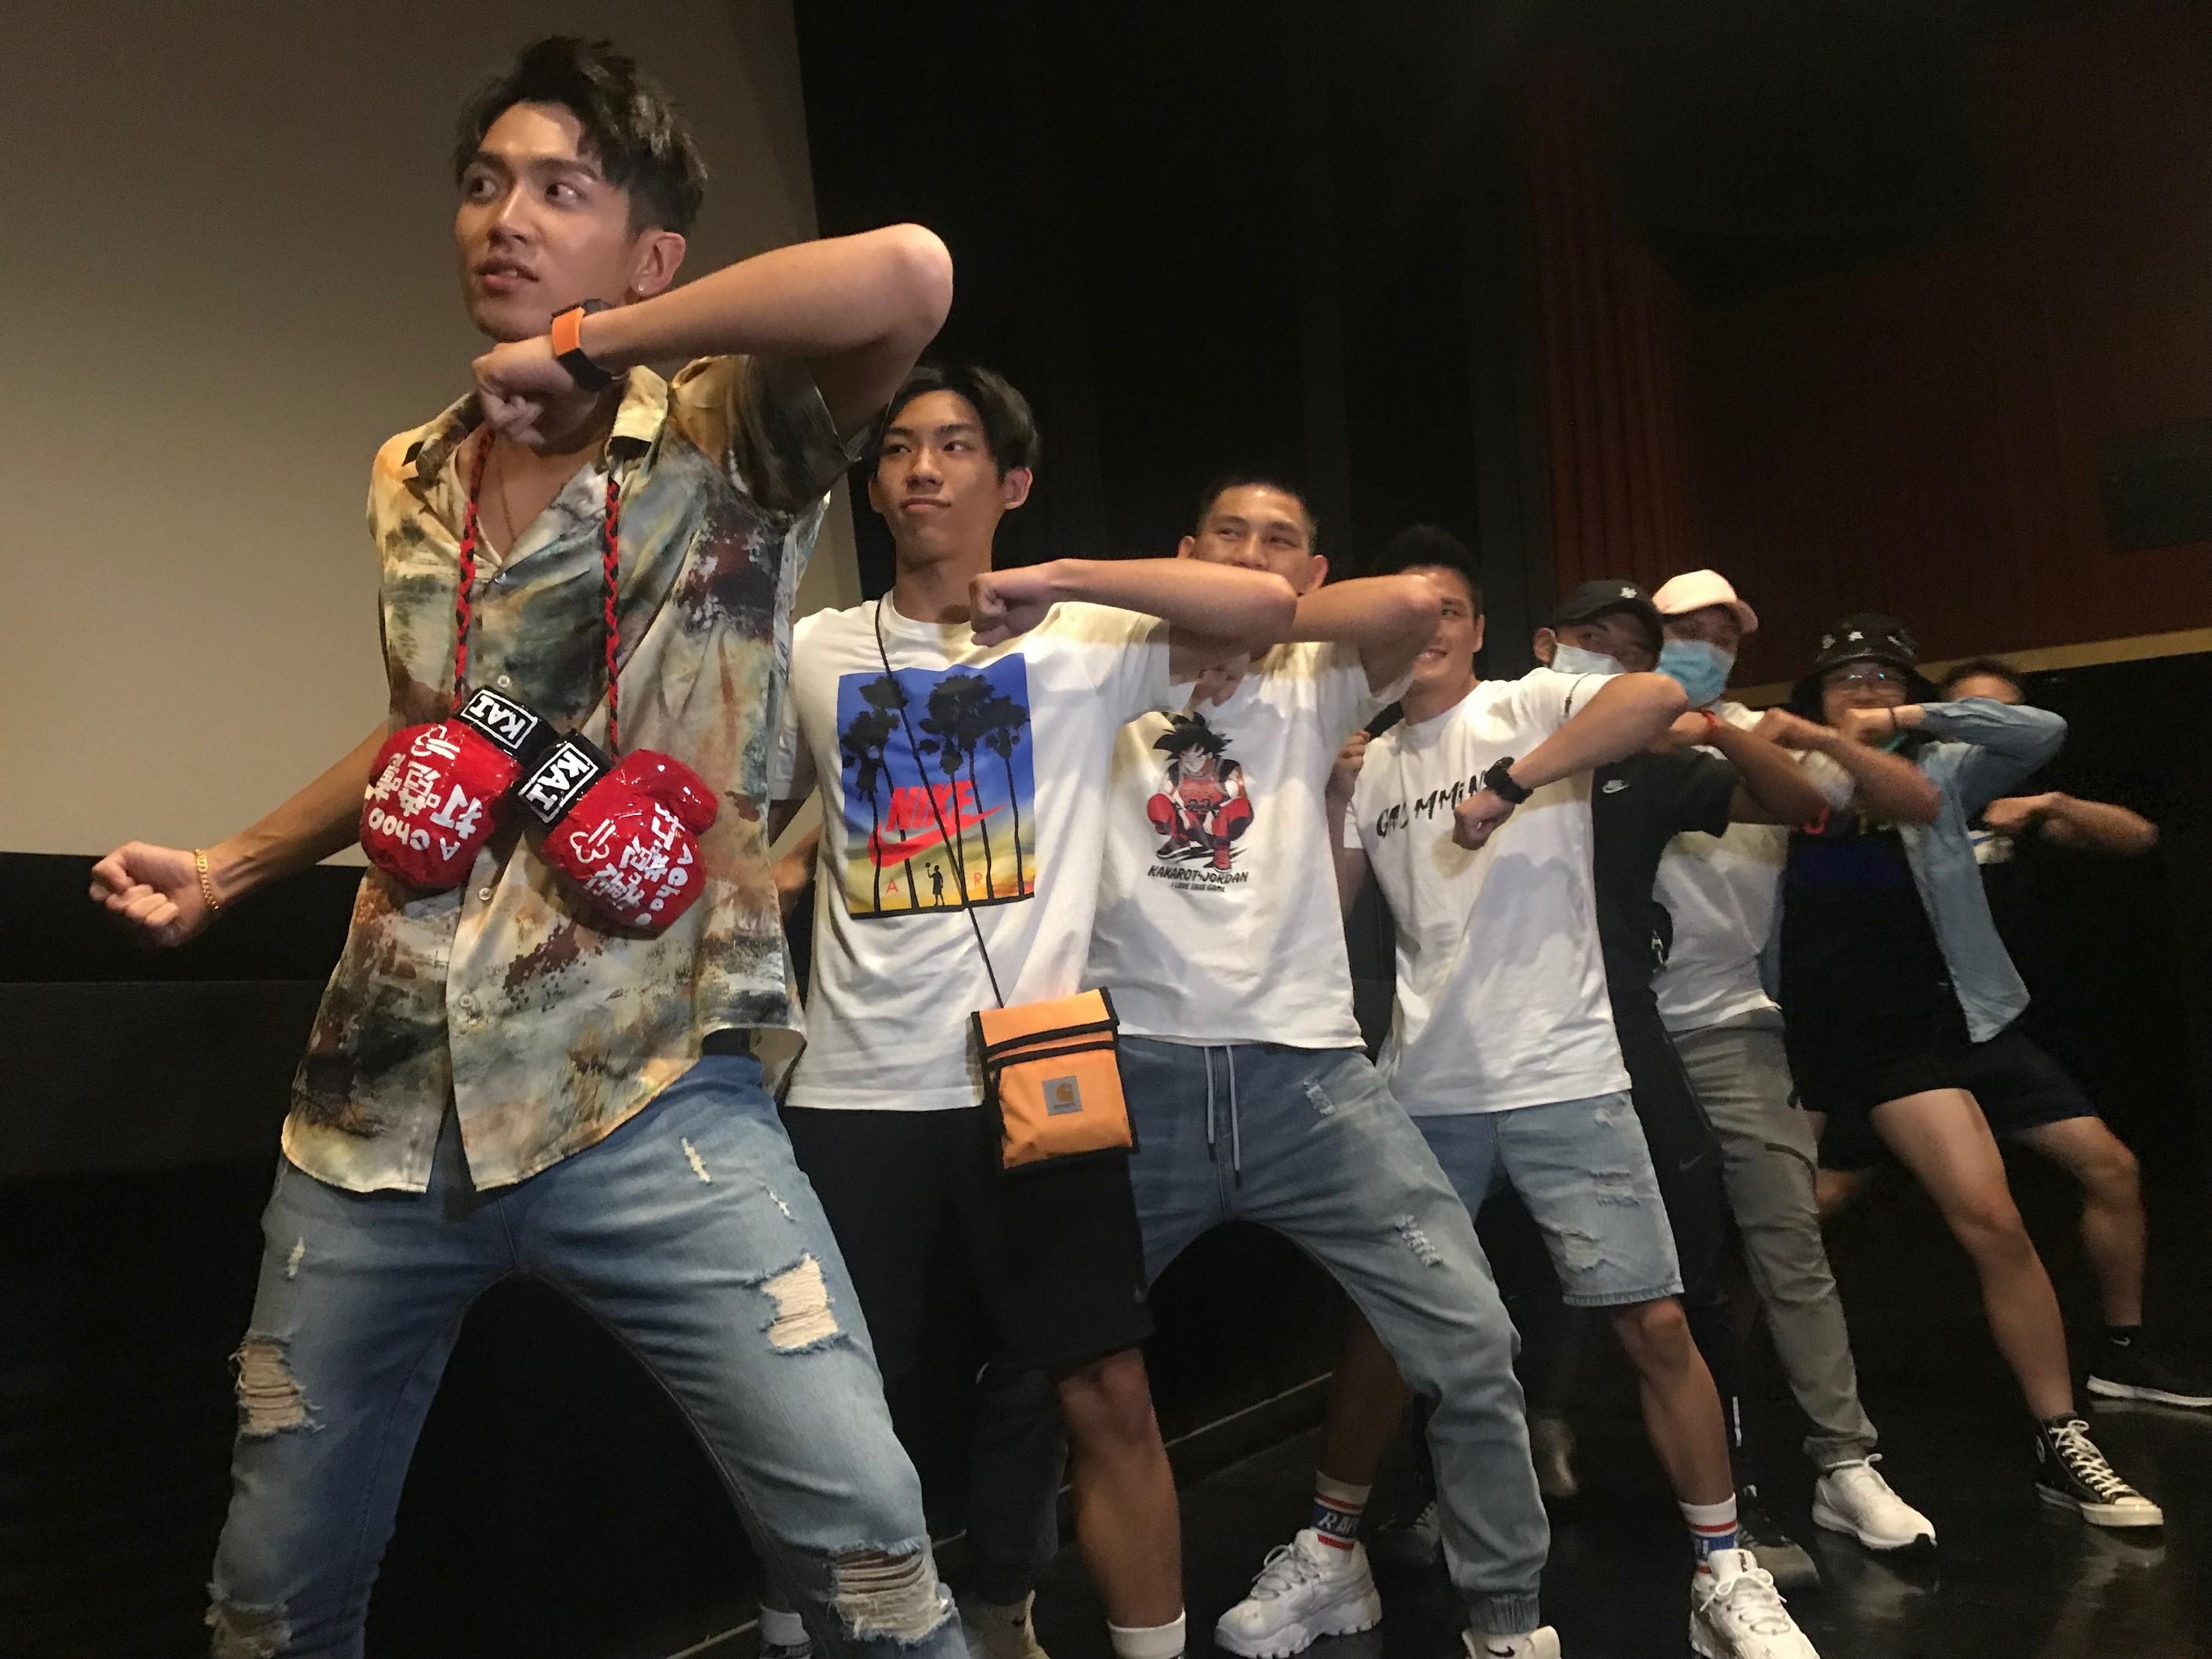 《打噴嚏》高雄映後遇拳擊隊奧運代表求柯震東當師傅 (4) 照片由傳影互動提供